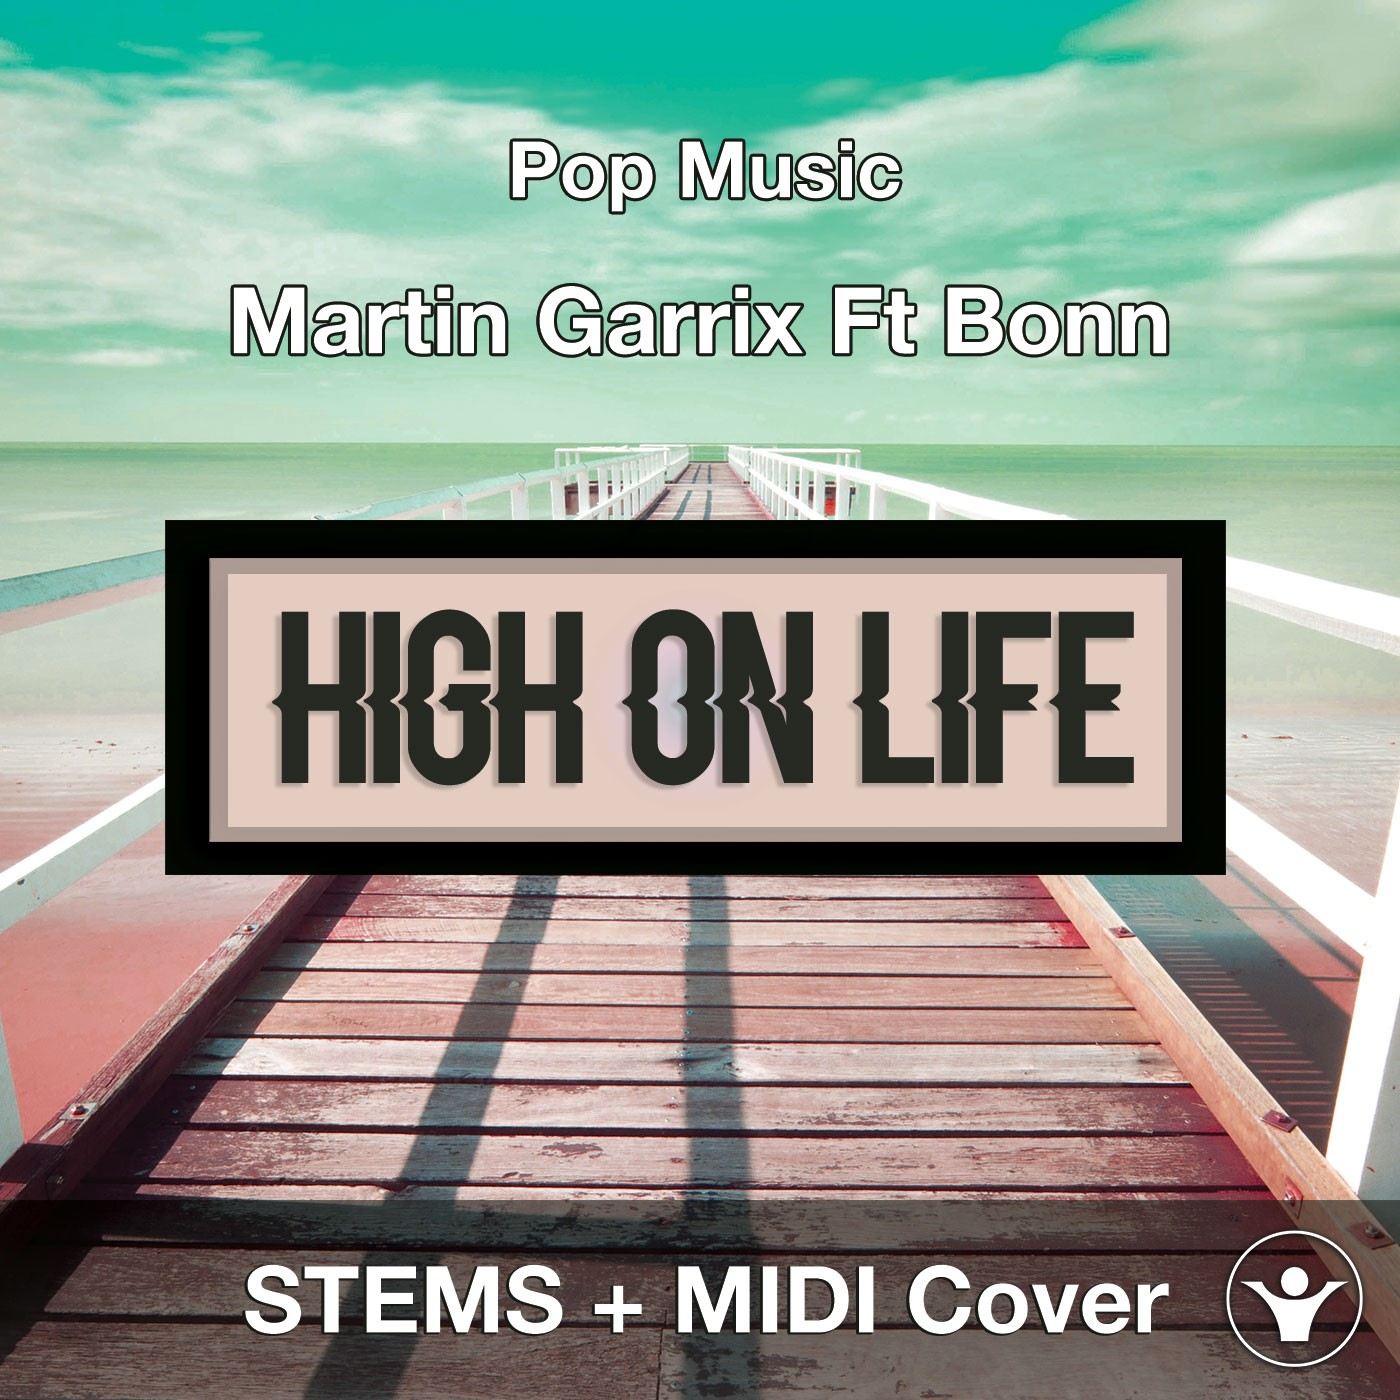 High On Life - Martin Garrix Ft Bonn - STEMS + MIDI Cover